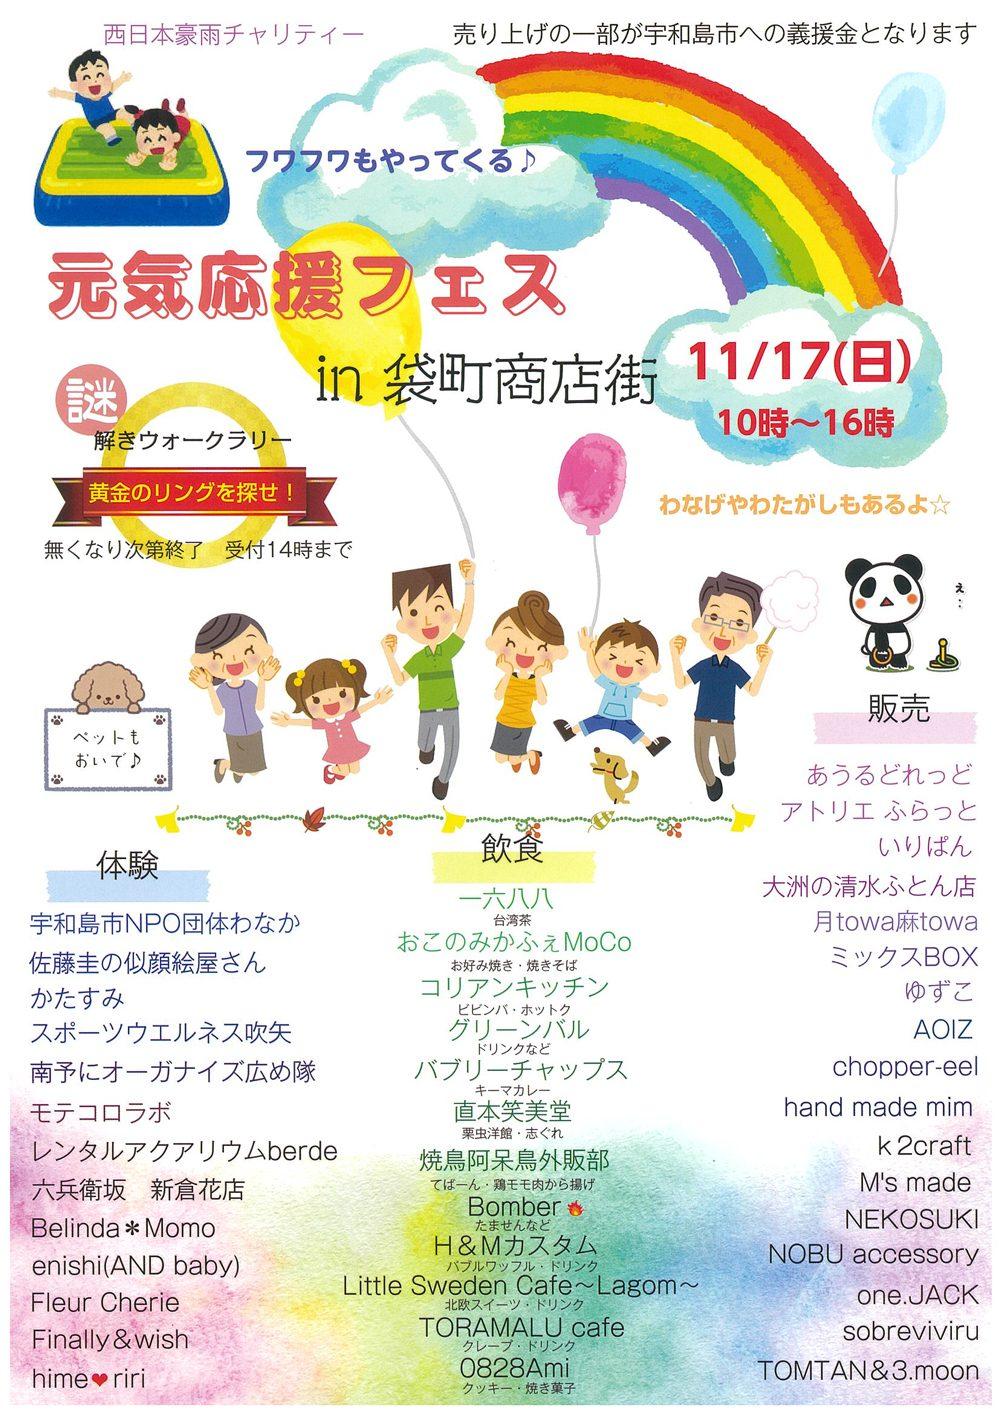 西日本豪雨チャリティ 元気応援フェス in袋町商店街11月17日(日)開催